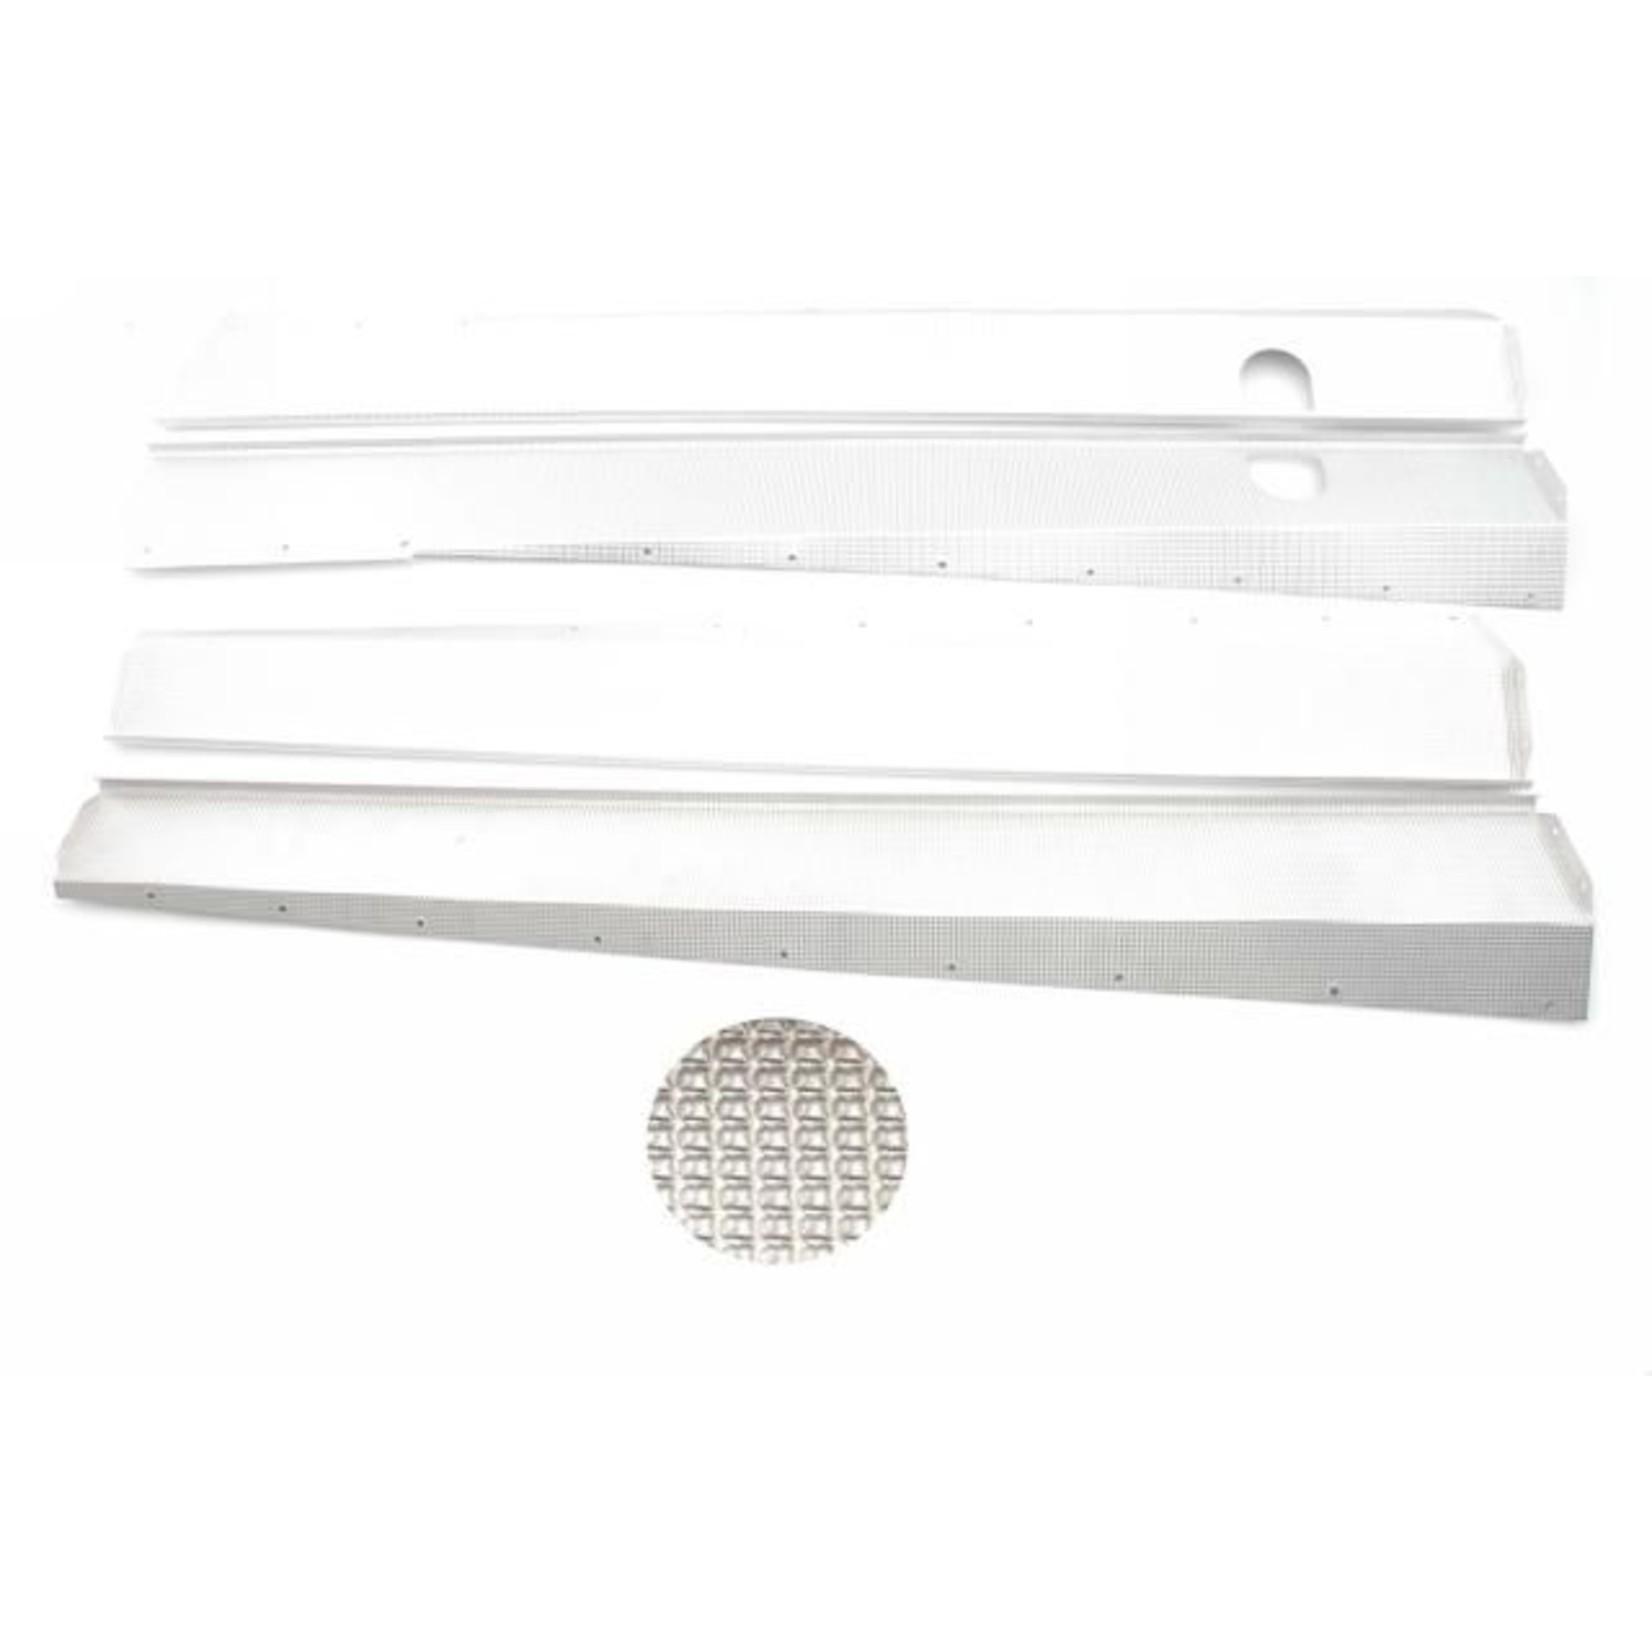 Tôle finition aluminium Nr Org: DS85362D